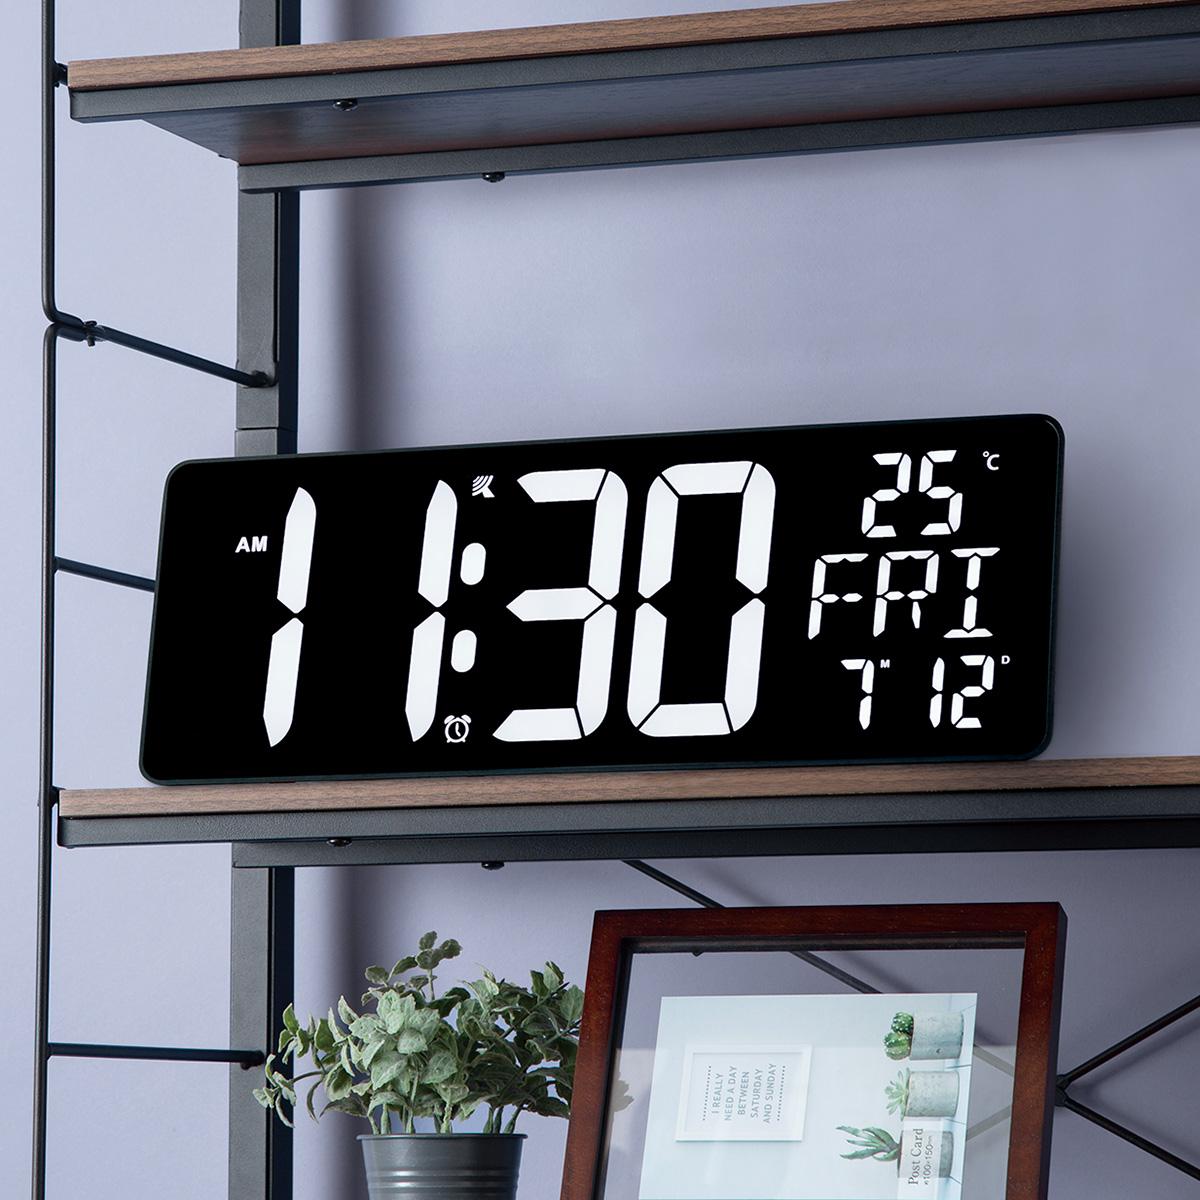 幅37.5cm 電波 LED掛け置き兼用時計 ダイオ 1年保証 迅速な対応で商品をお届け致します いつでも送料無料 玄関先迄納品 〔合計金額11000円以上送料無料対象商品〕 ニトリ